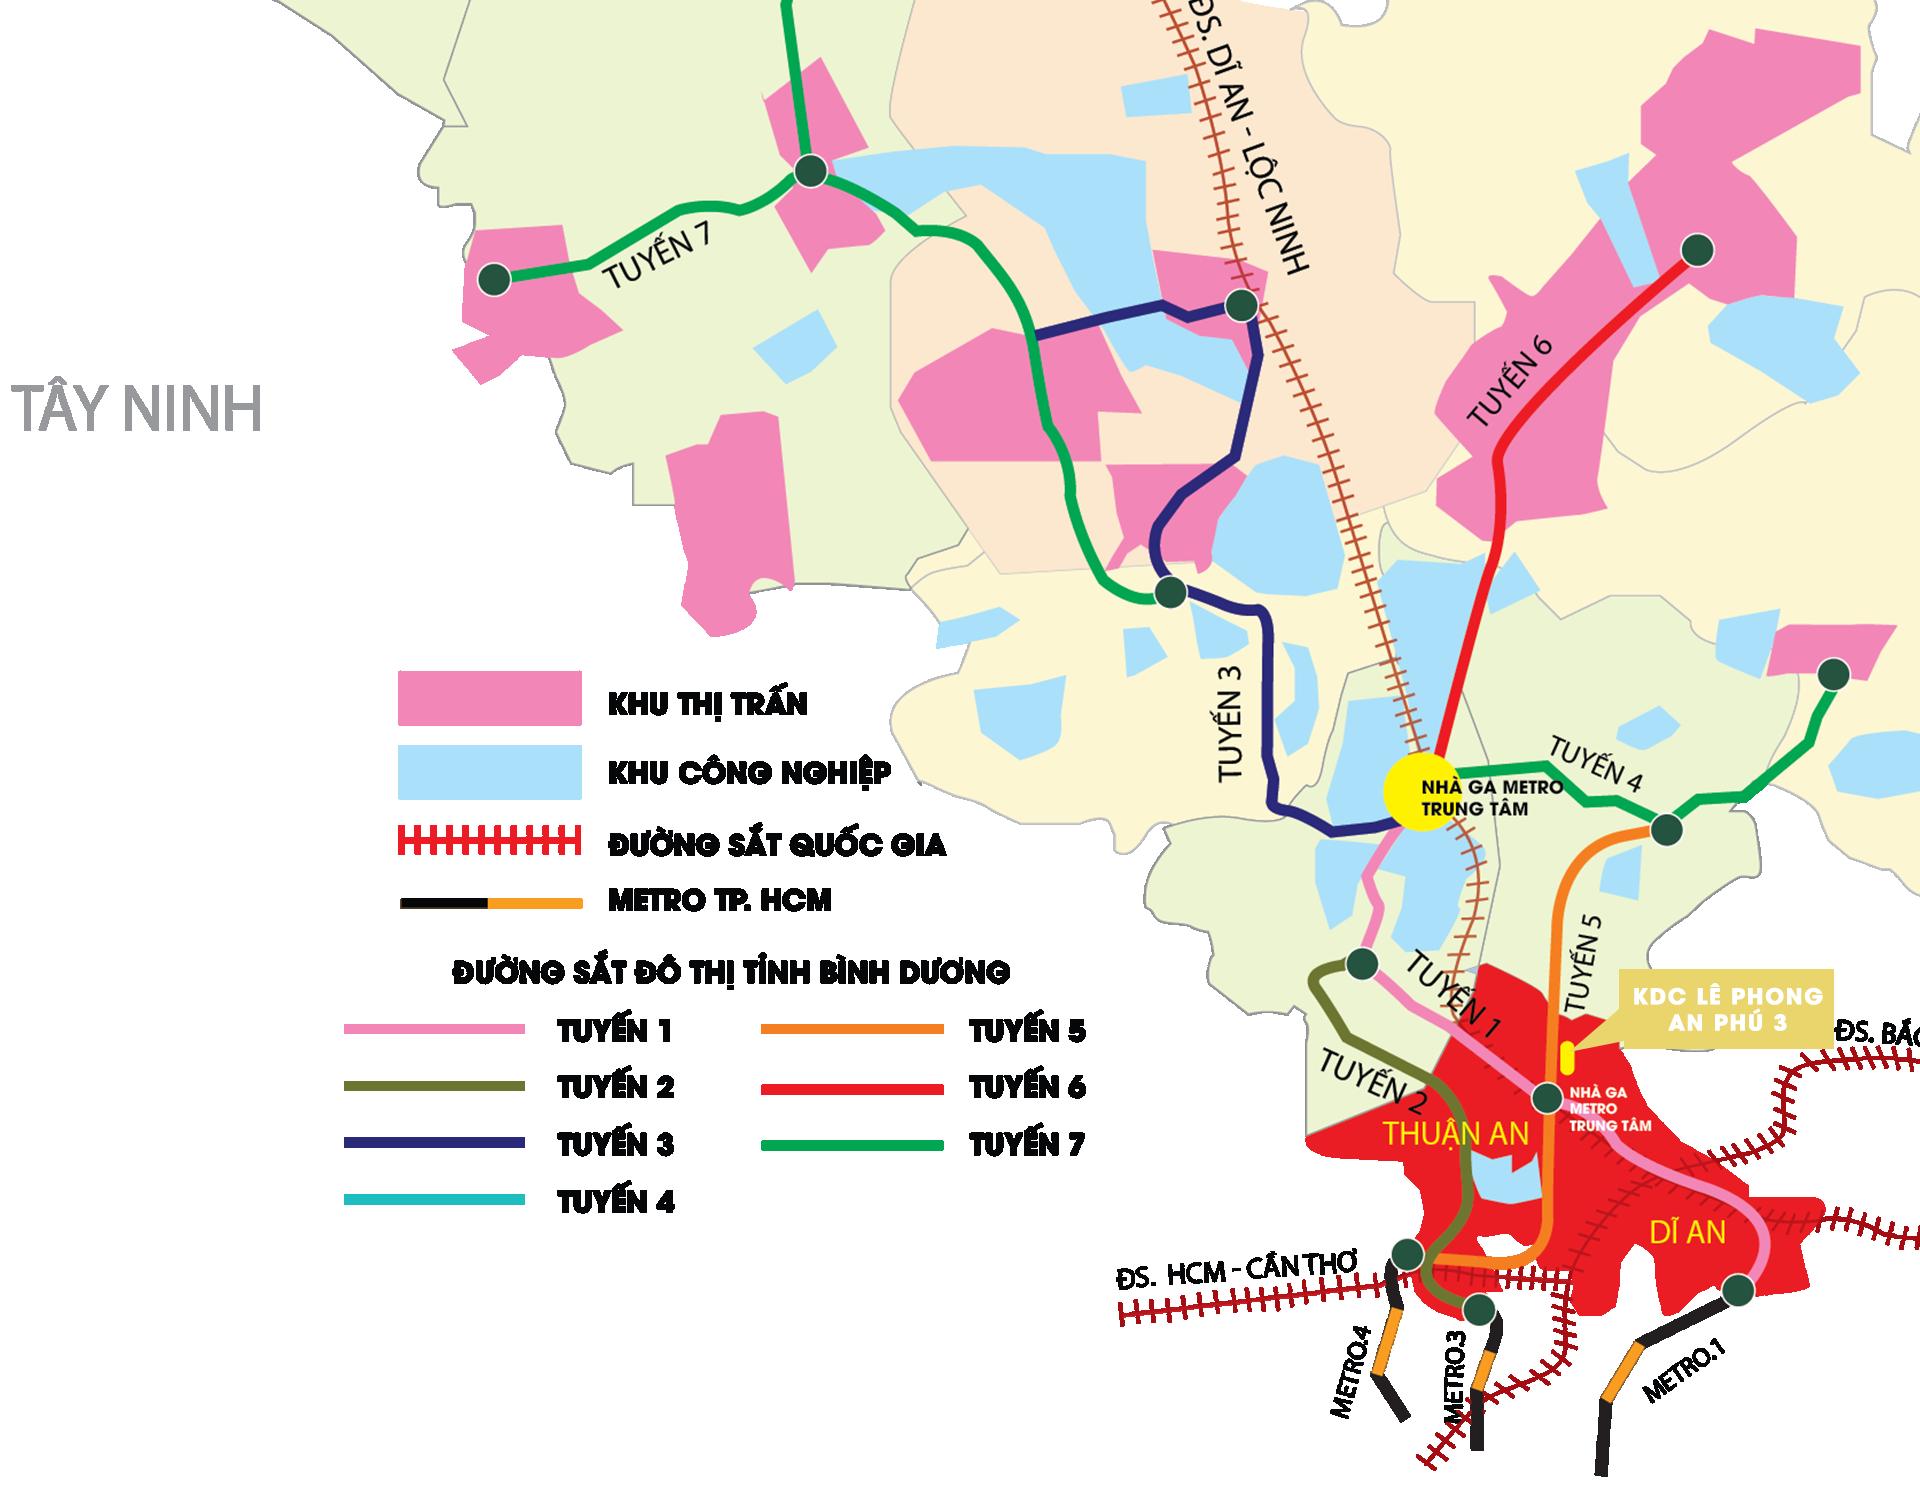 202008280223 map1